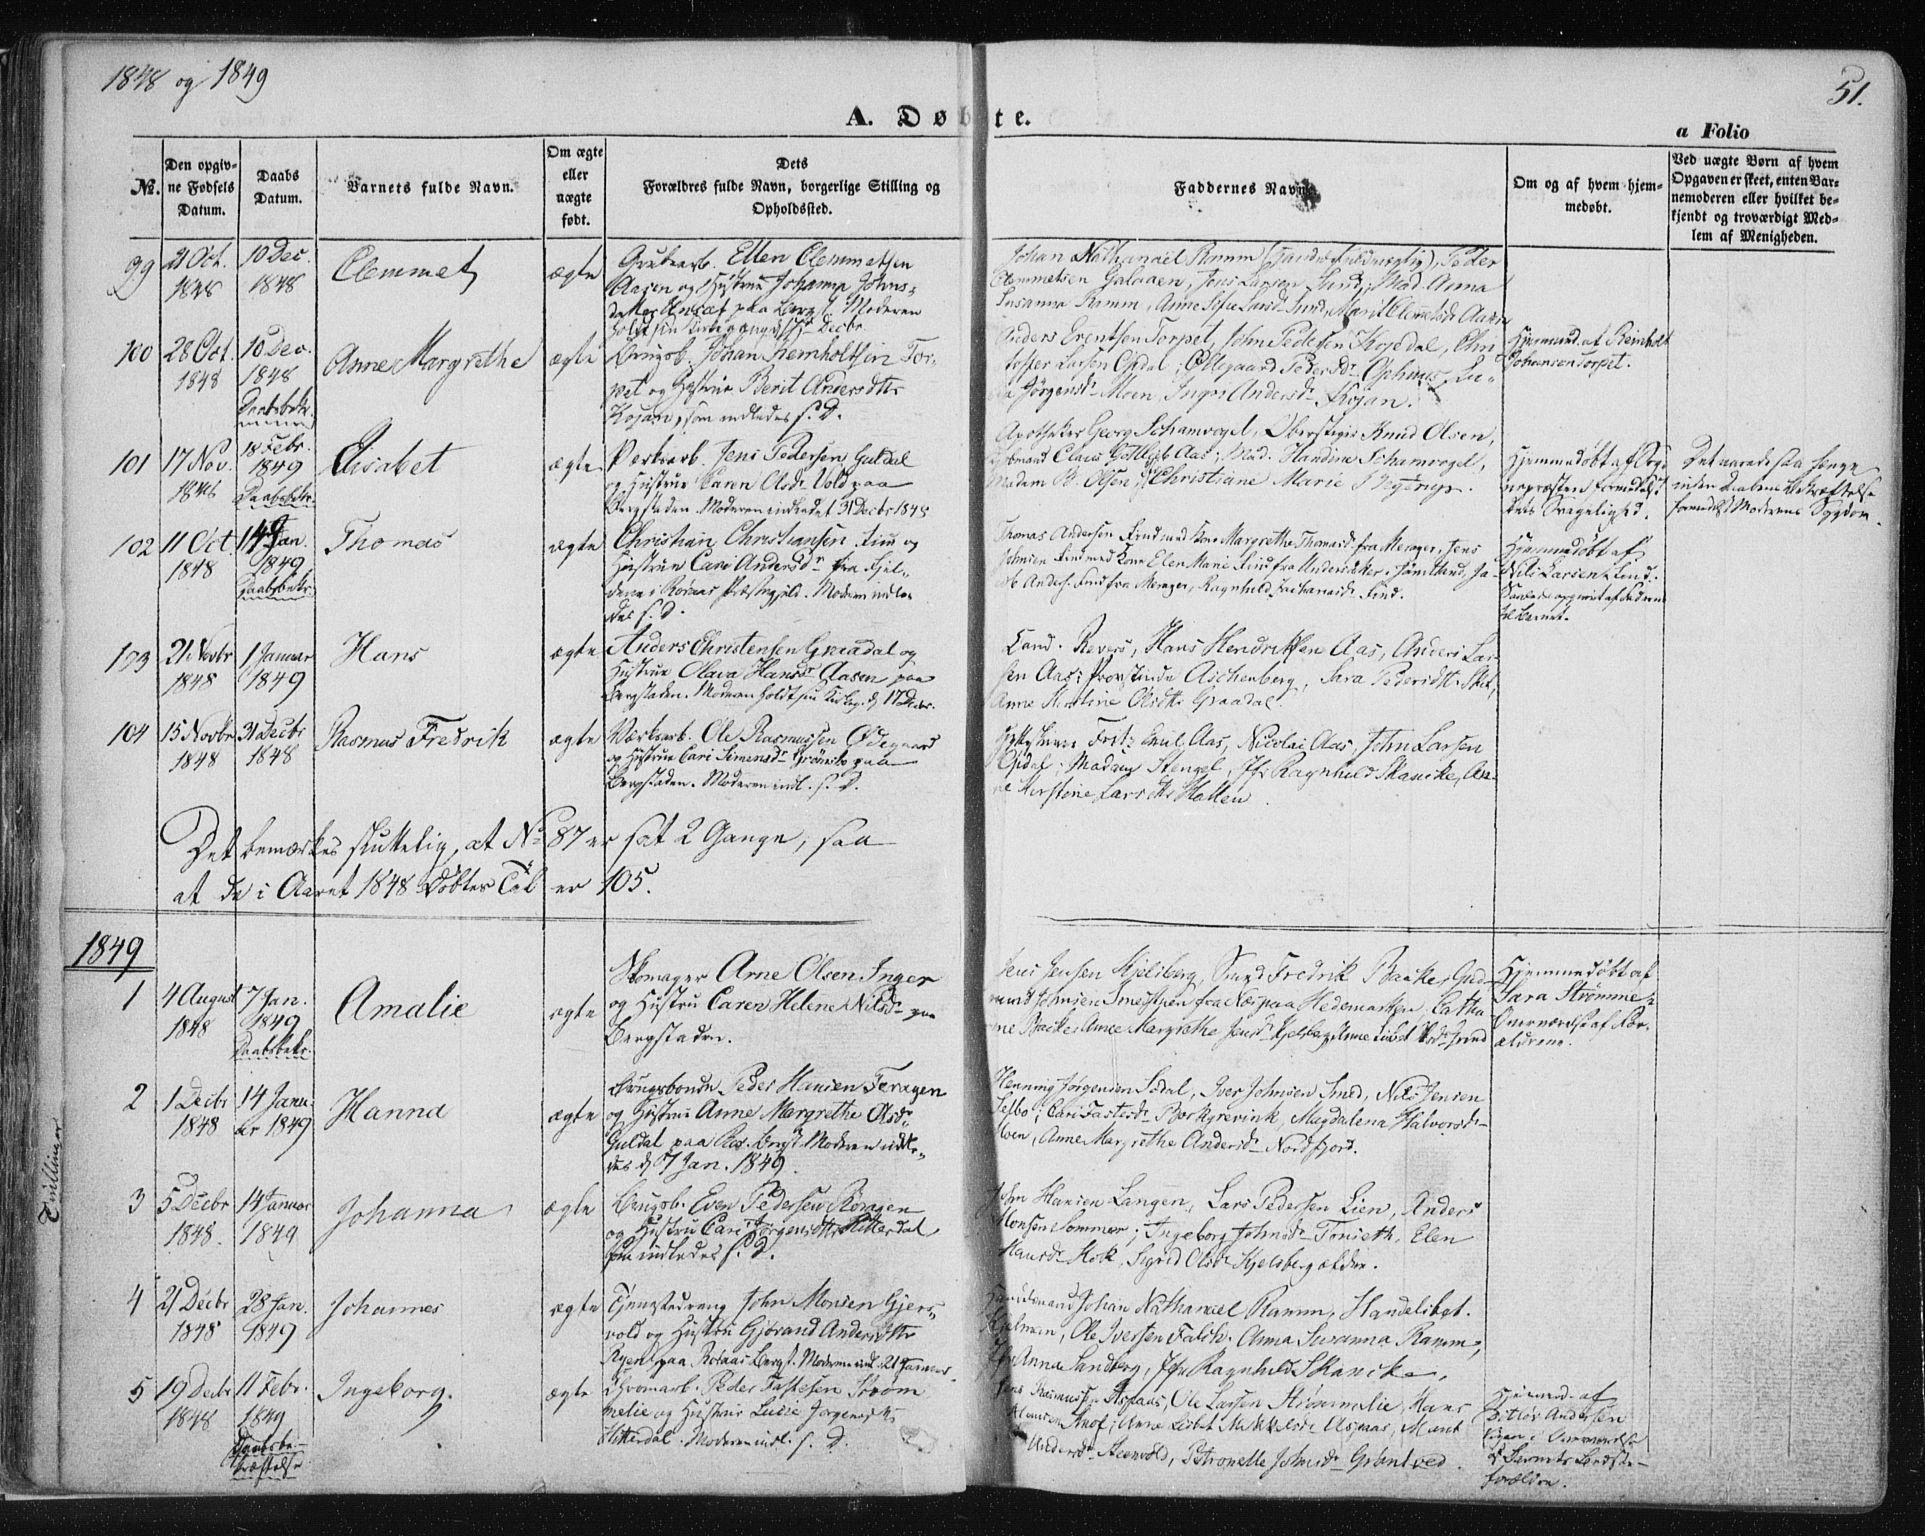 SAT, Ministerialprotokoller, klokkerbøker og fødselsregistre - Sør-Trøndelag, 681/L0931: Ministerialbok nr. 681A09, 1845-1859, s. 51